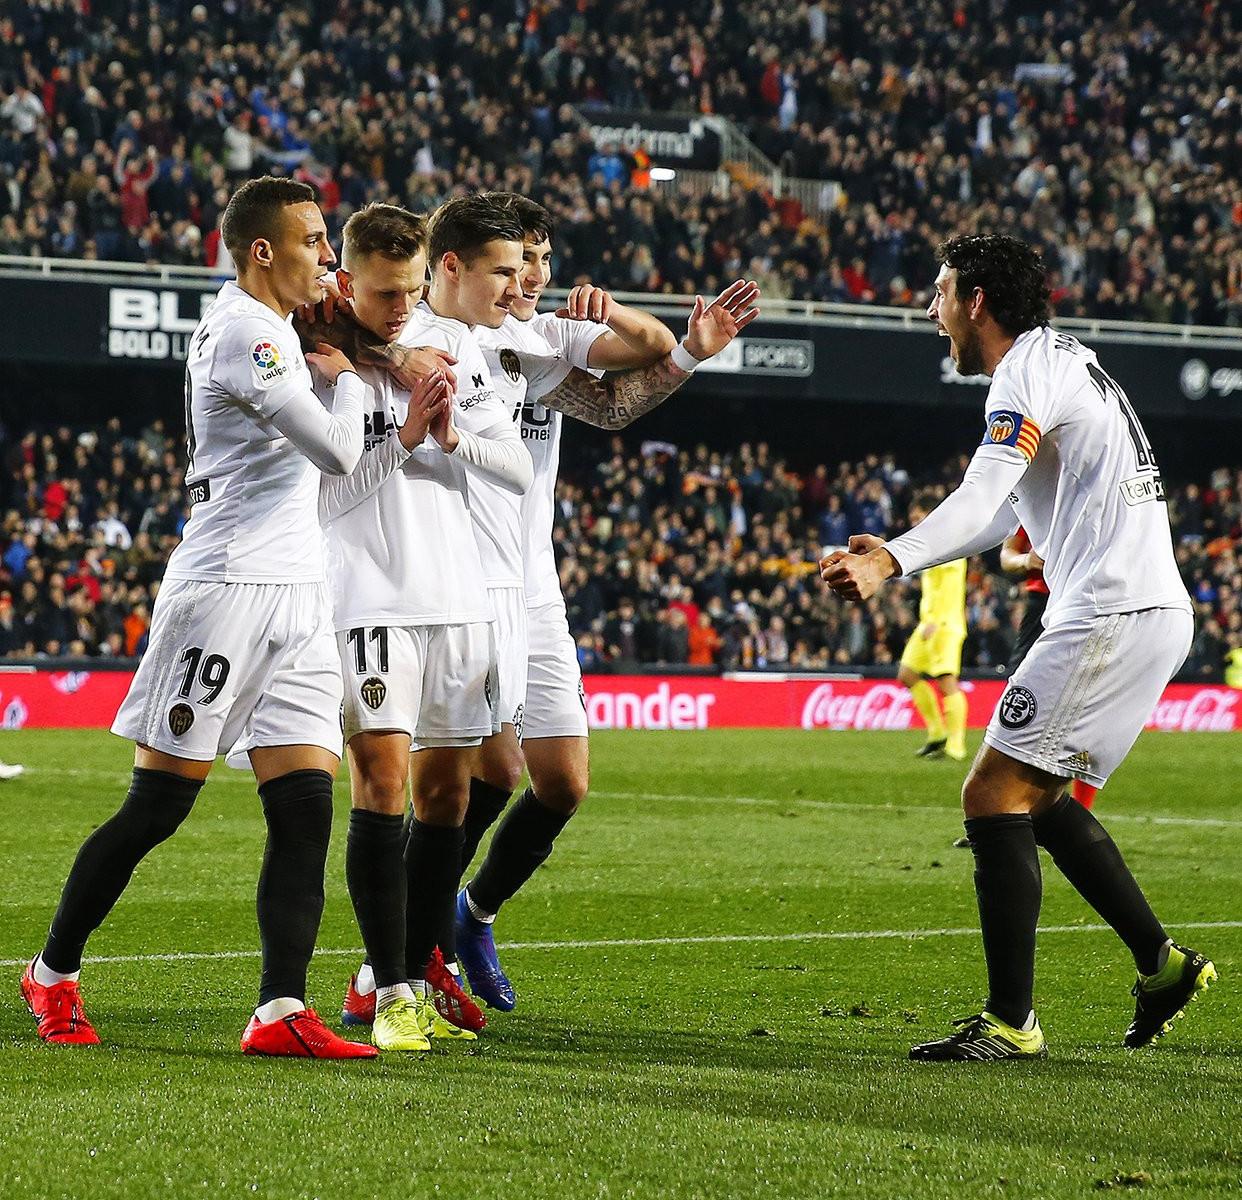 26.01.2019: Valencia CF 3 - 0 Villarreal CF